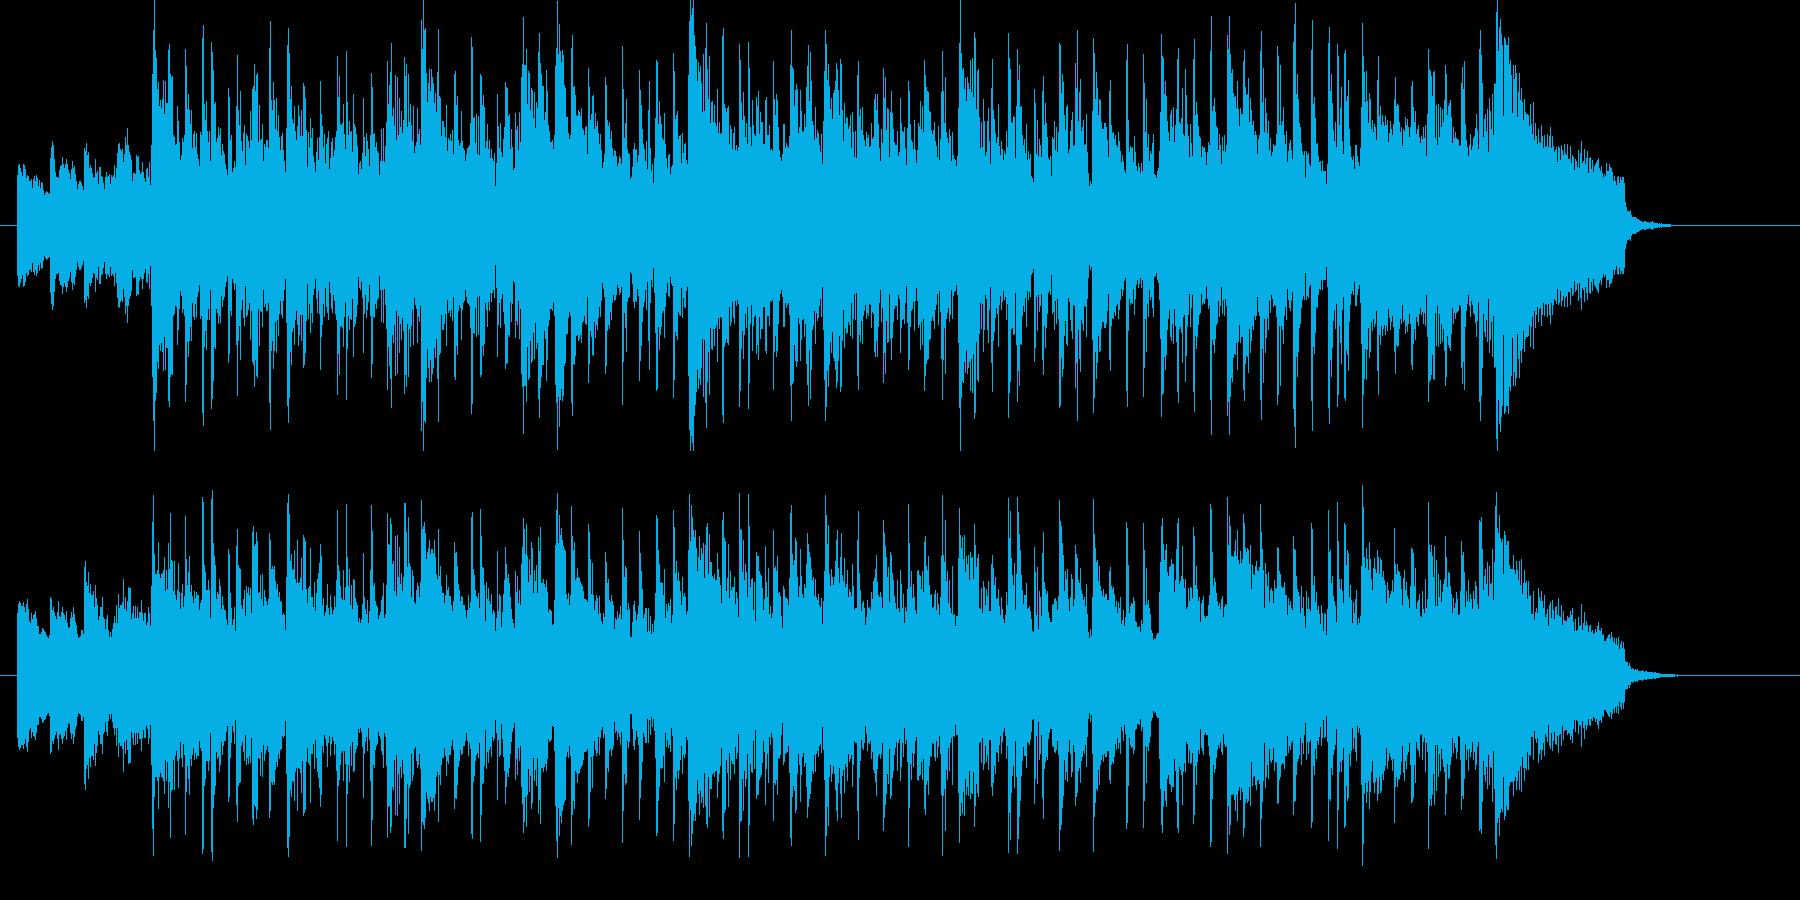 爽やかでおしゃれなジャズのジングルの再生済みの波形